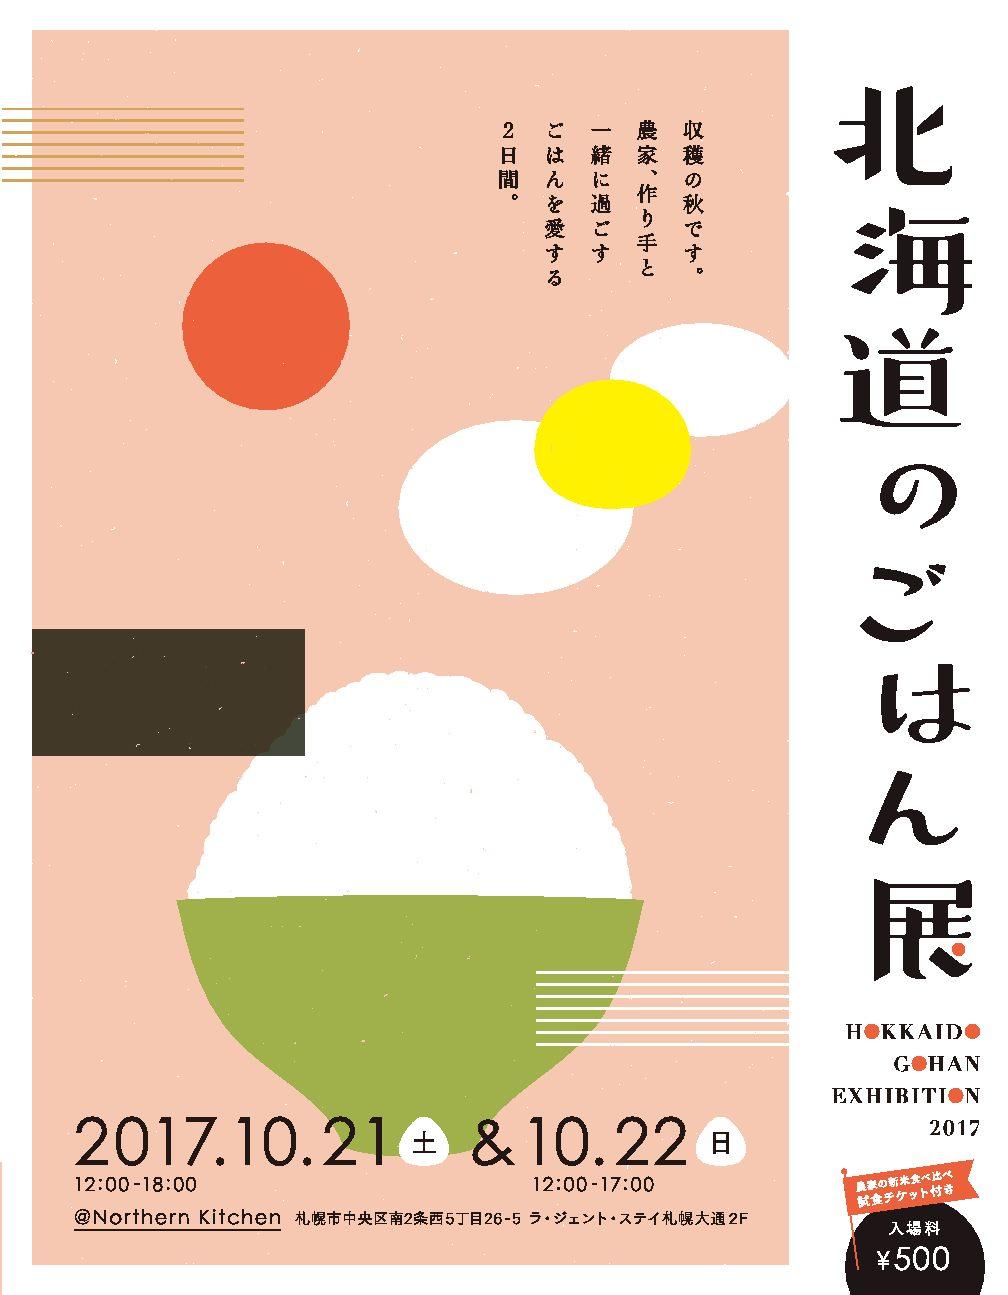 「北海道のごはん展」にブレンド米・炊き込みご飯の素を展示いたします